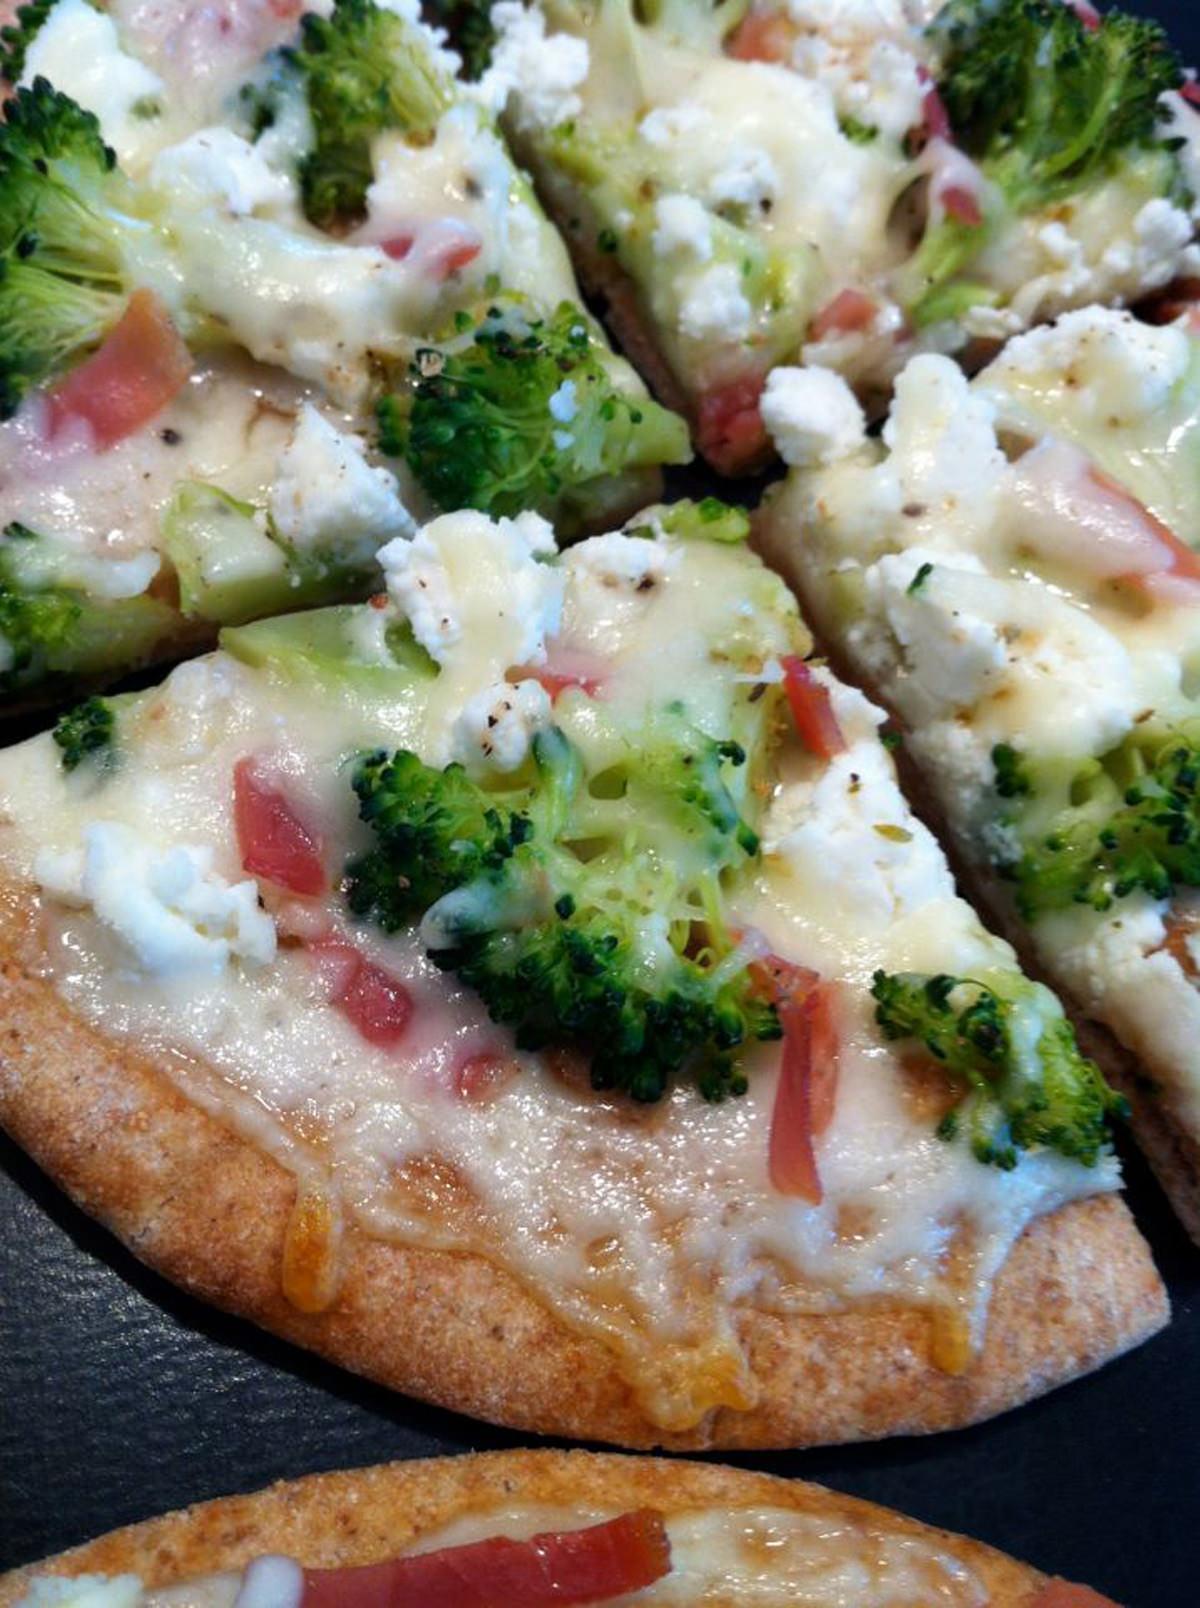 Broccoli-and-Prosciutto-3-Cheese-Personal-Pizza